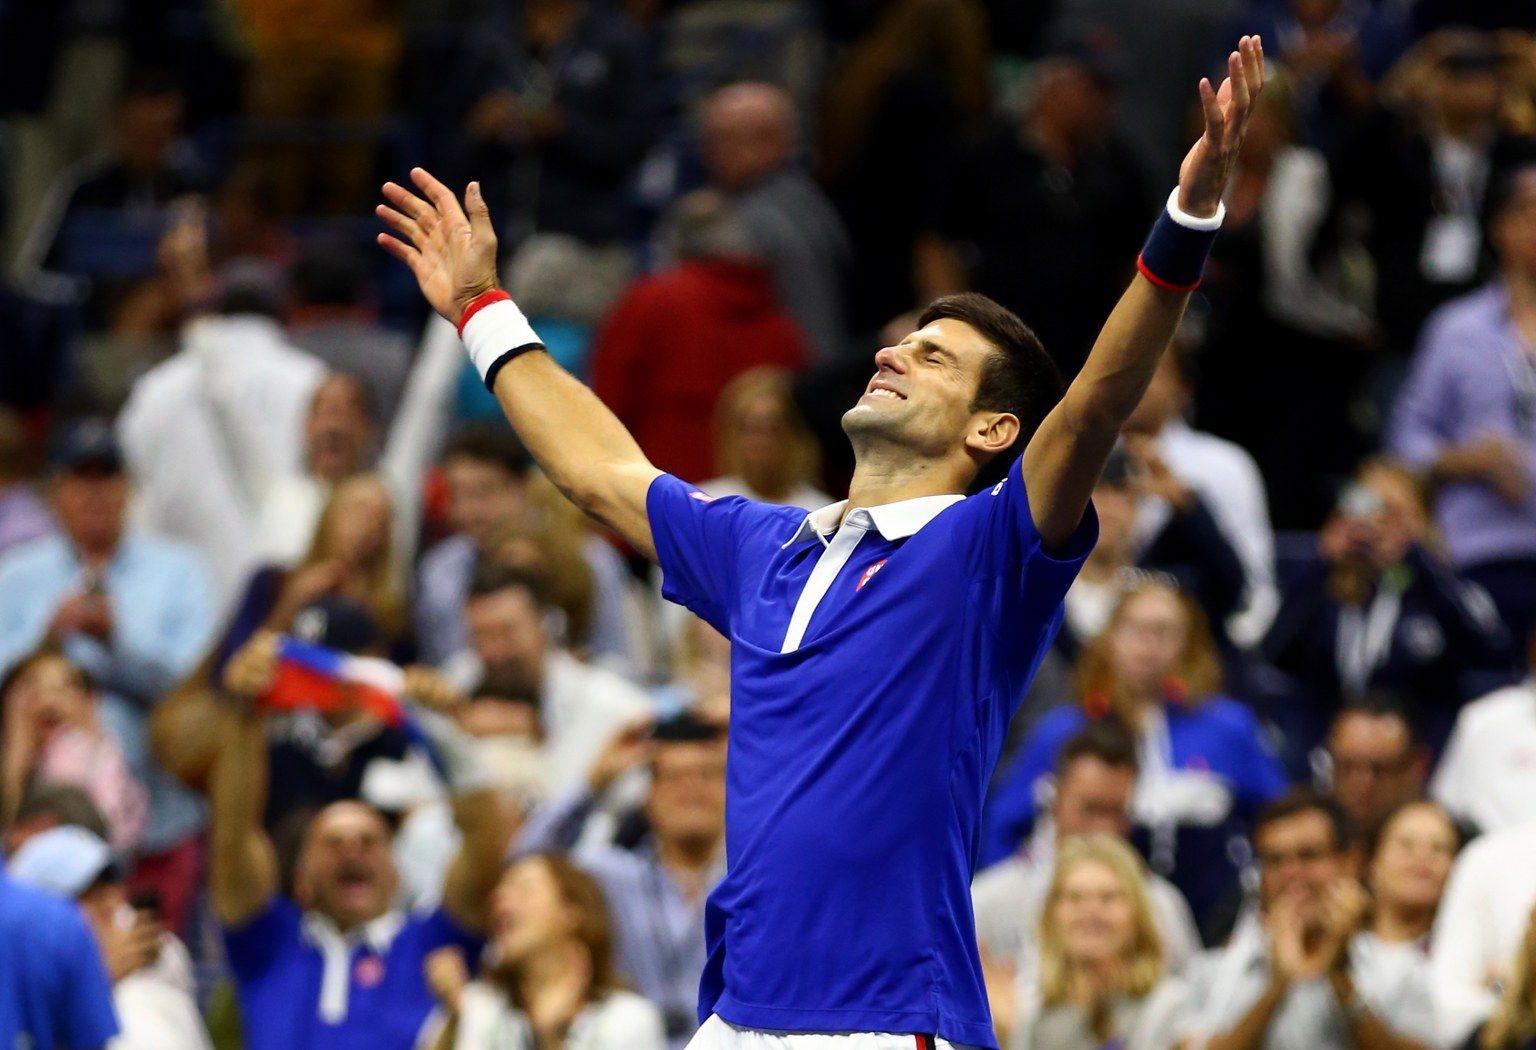 Година по-късно Флавия Пенета и Франческа Скиавоне играха шокиращия финал при жените. По-младата от двете бе печеливша.